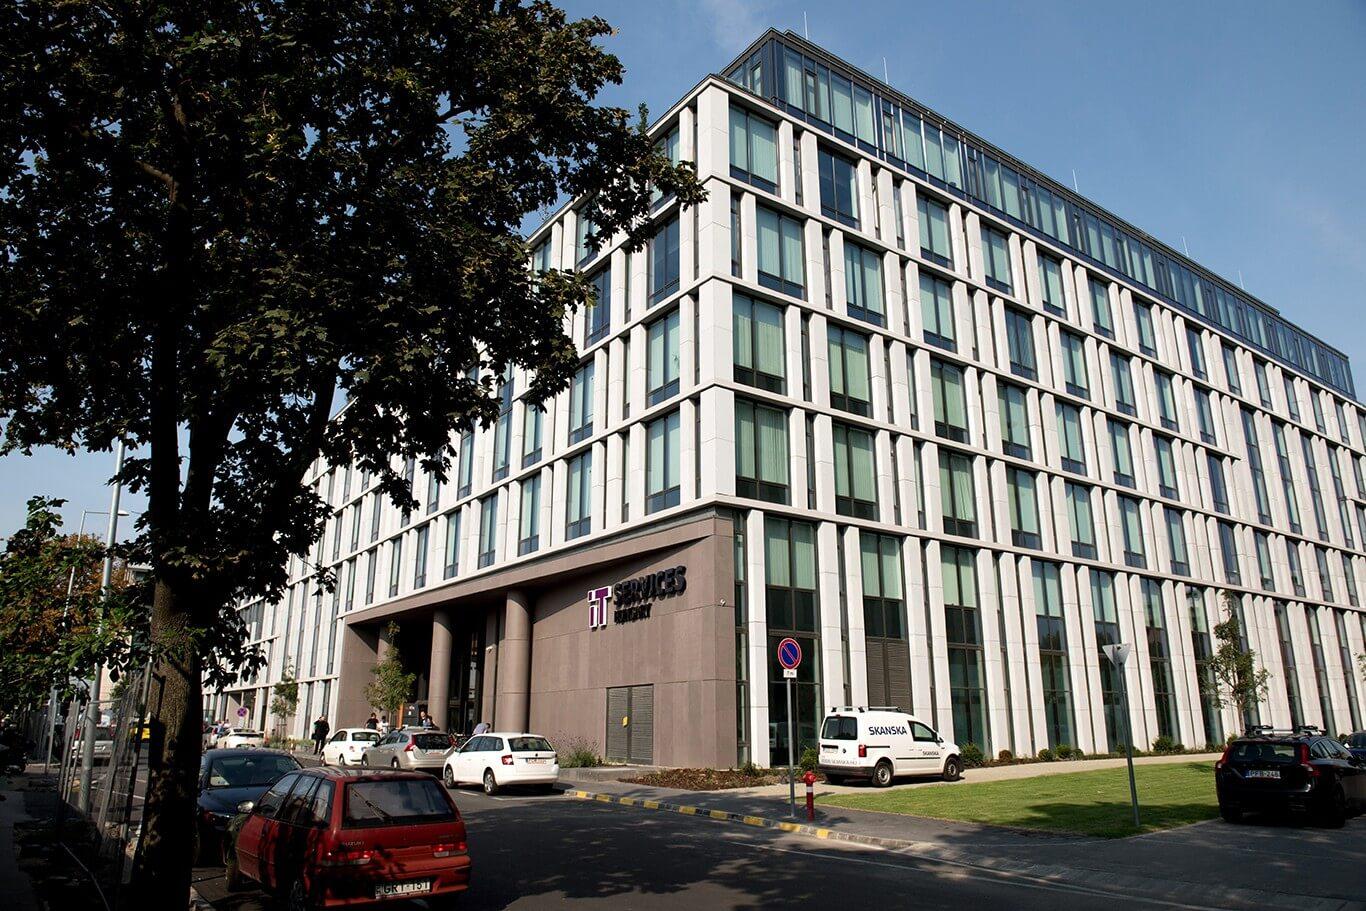 Székházat avattak Budapest új irodaházában